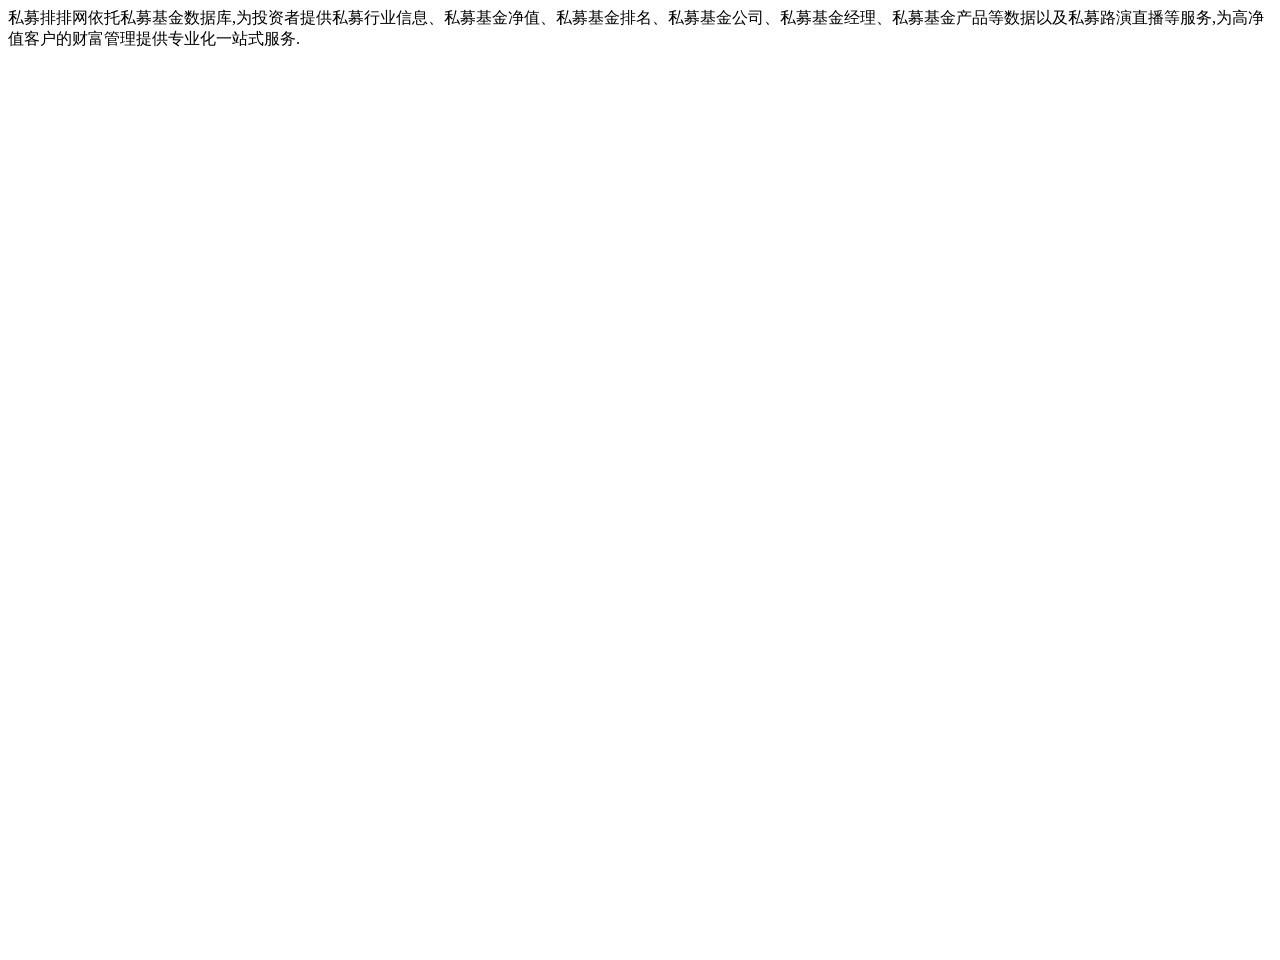 私募排排网的网站截图